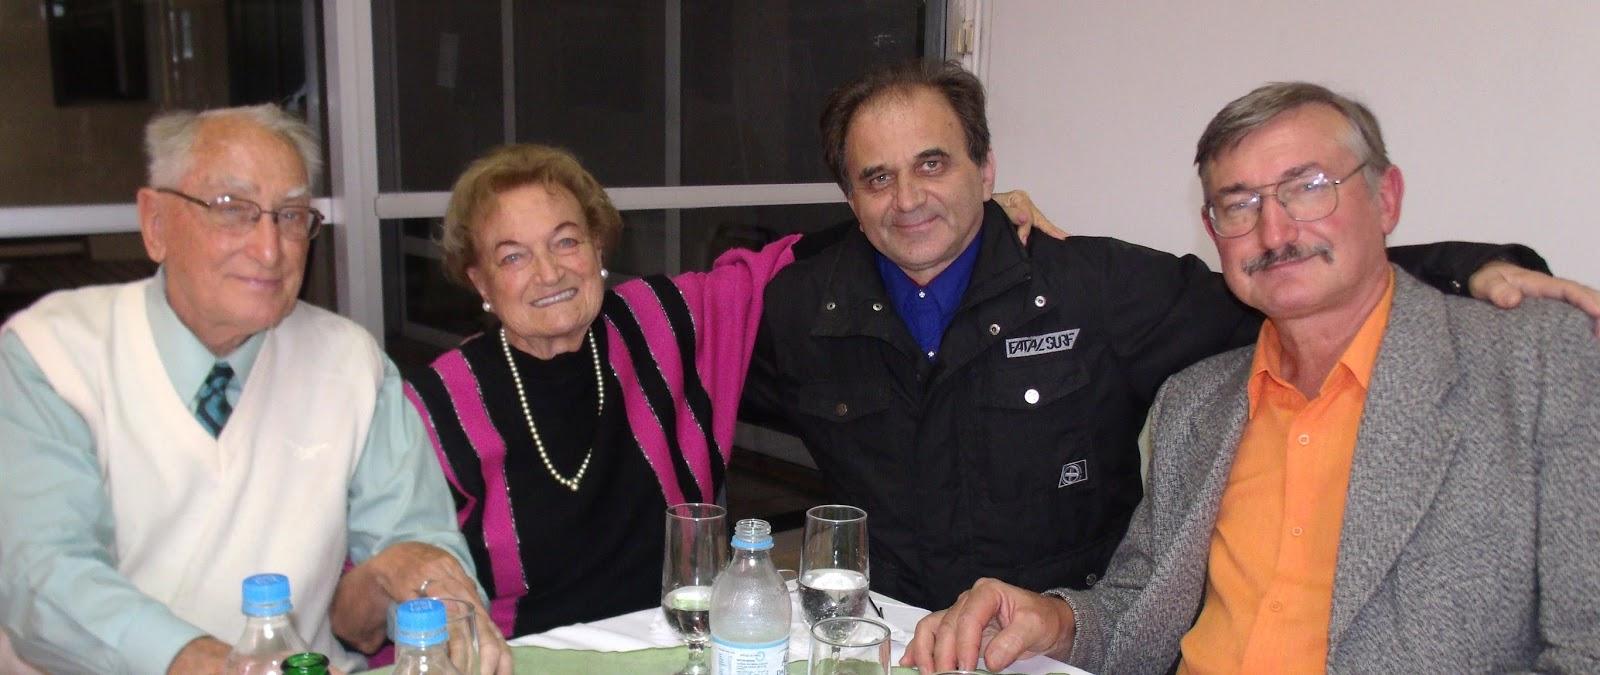 Airton Engster dos Santos com a família Schinke